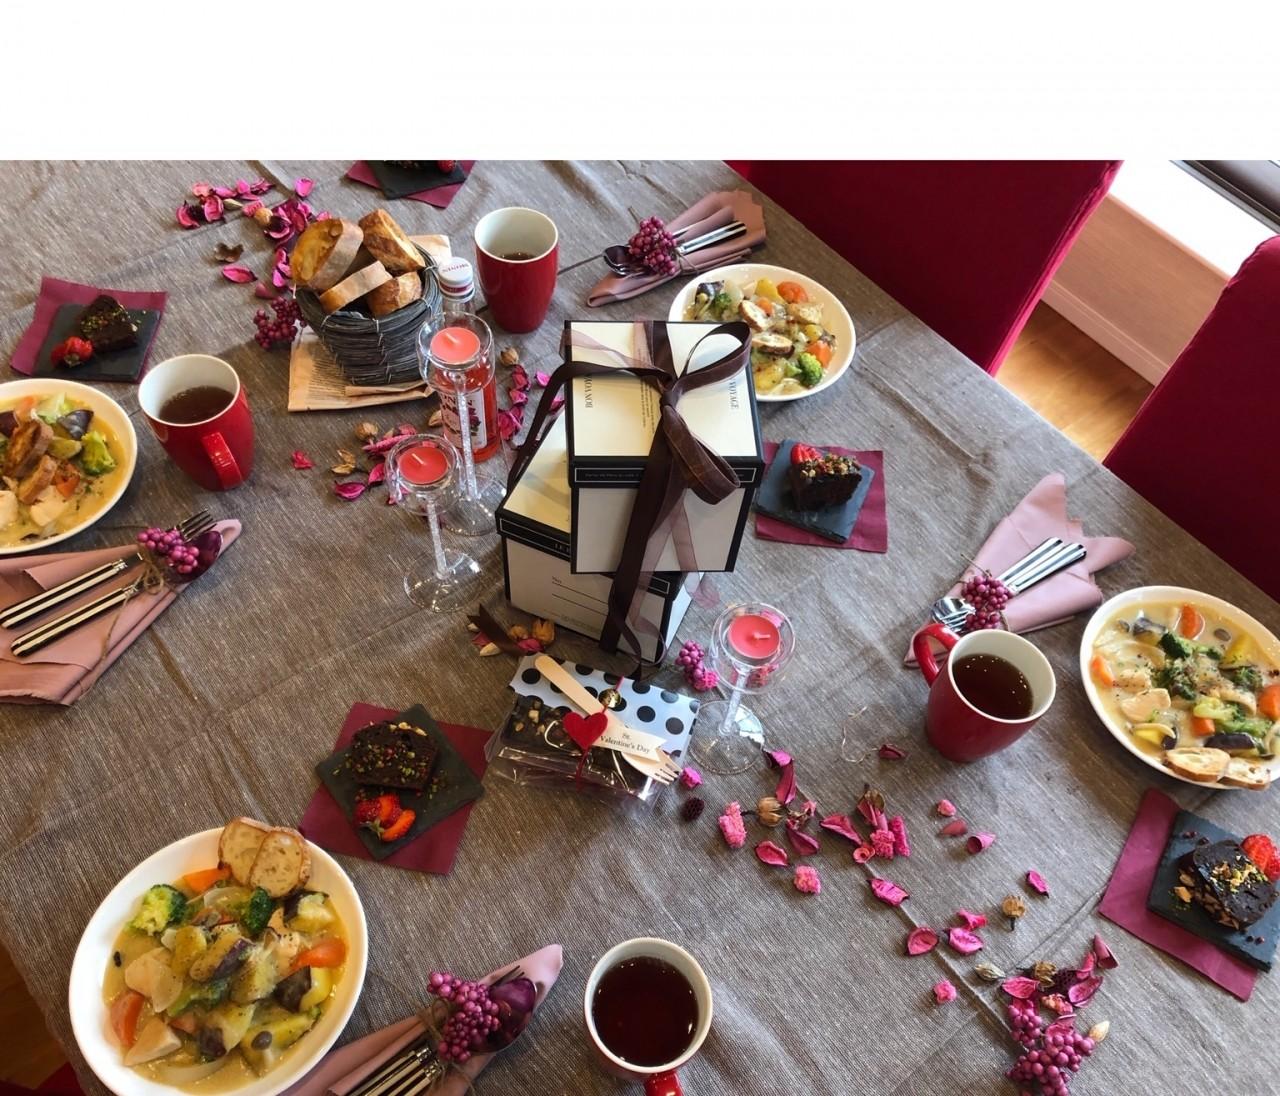 きれいとおいしいは作れる♡4step cooking lessonバレンタインメニューに参加してきました。